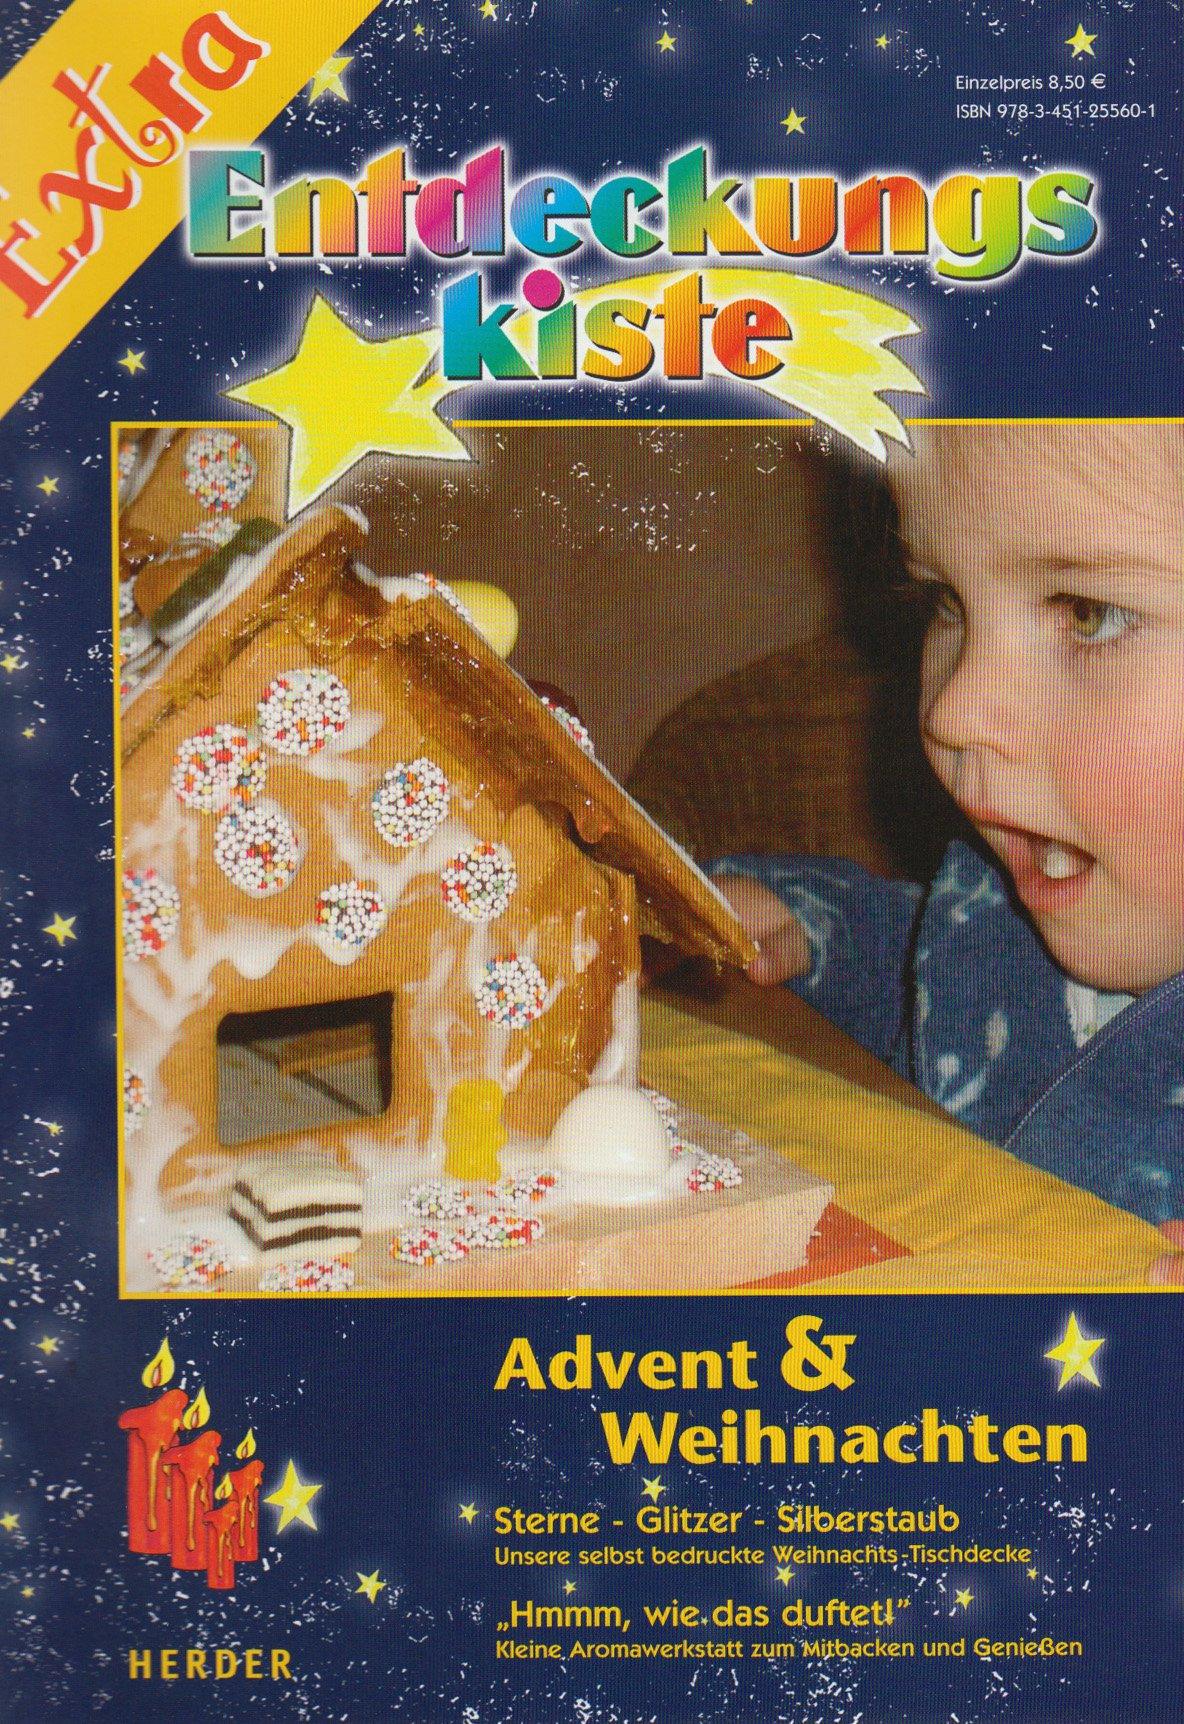 Advent & Weihnachten: Entdeckungskiste extra